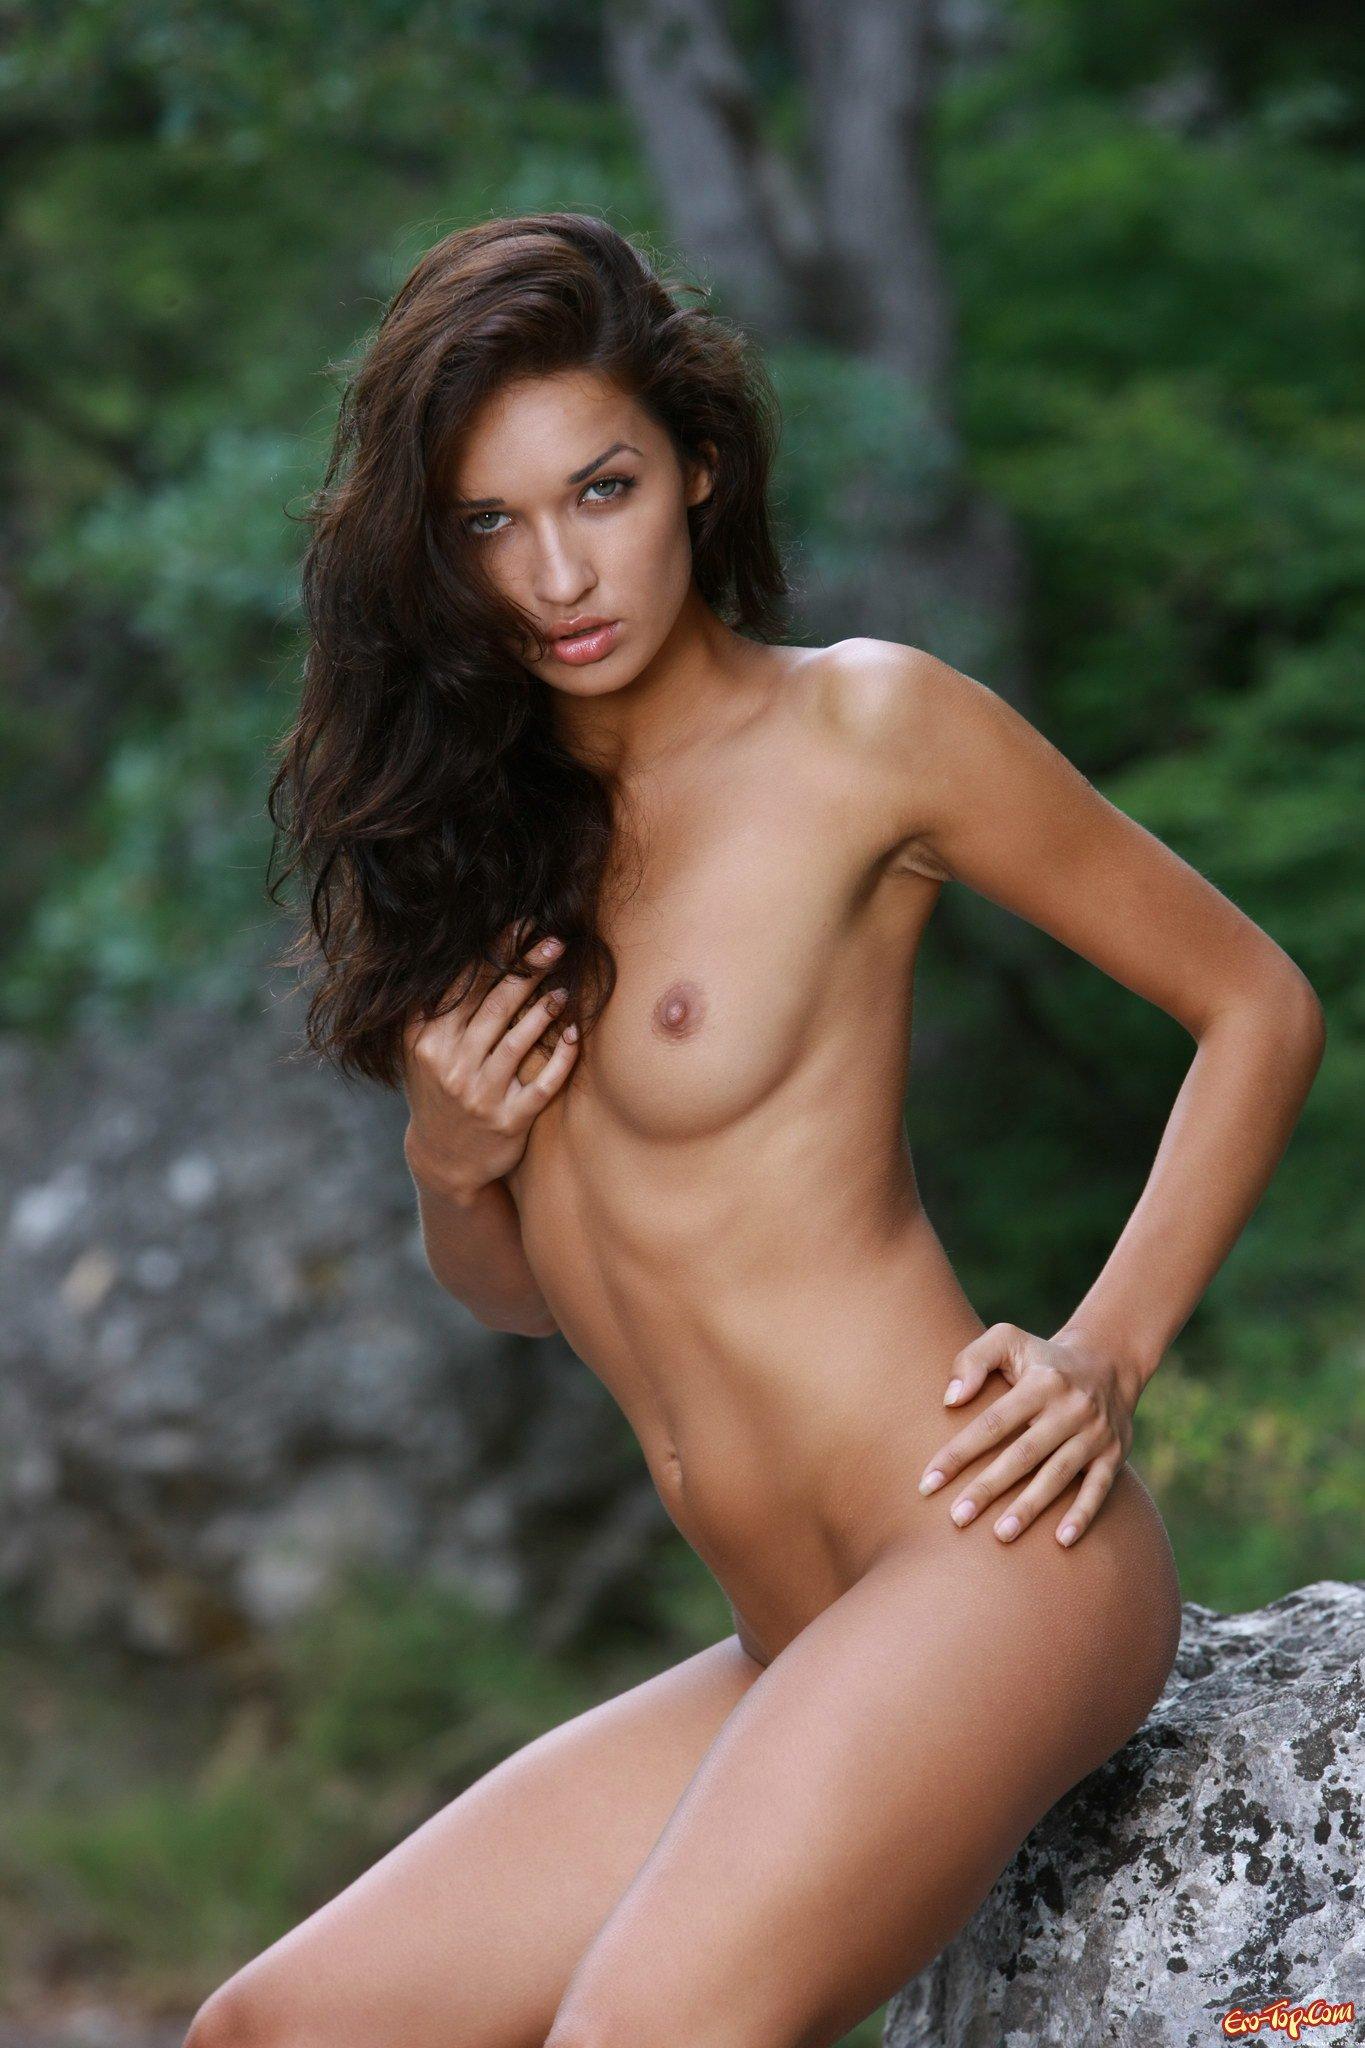 Голая красотка в лесу